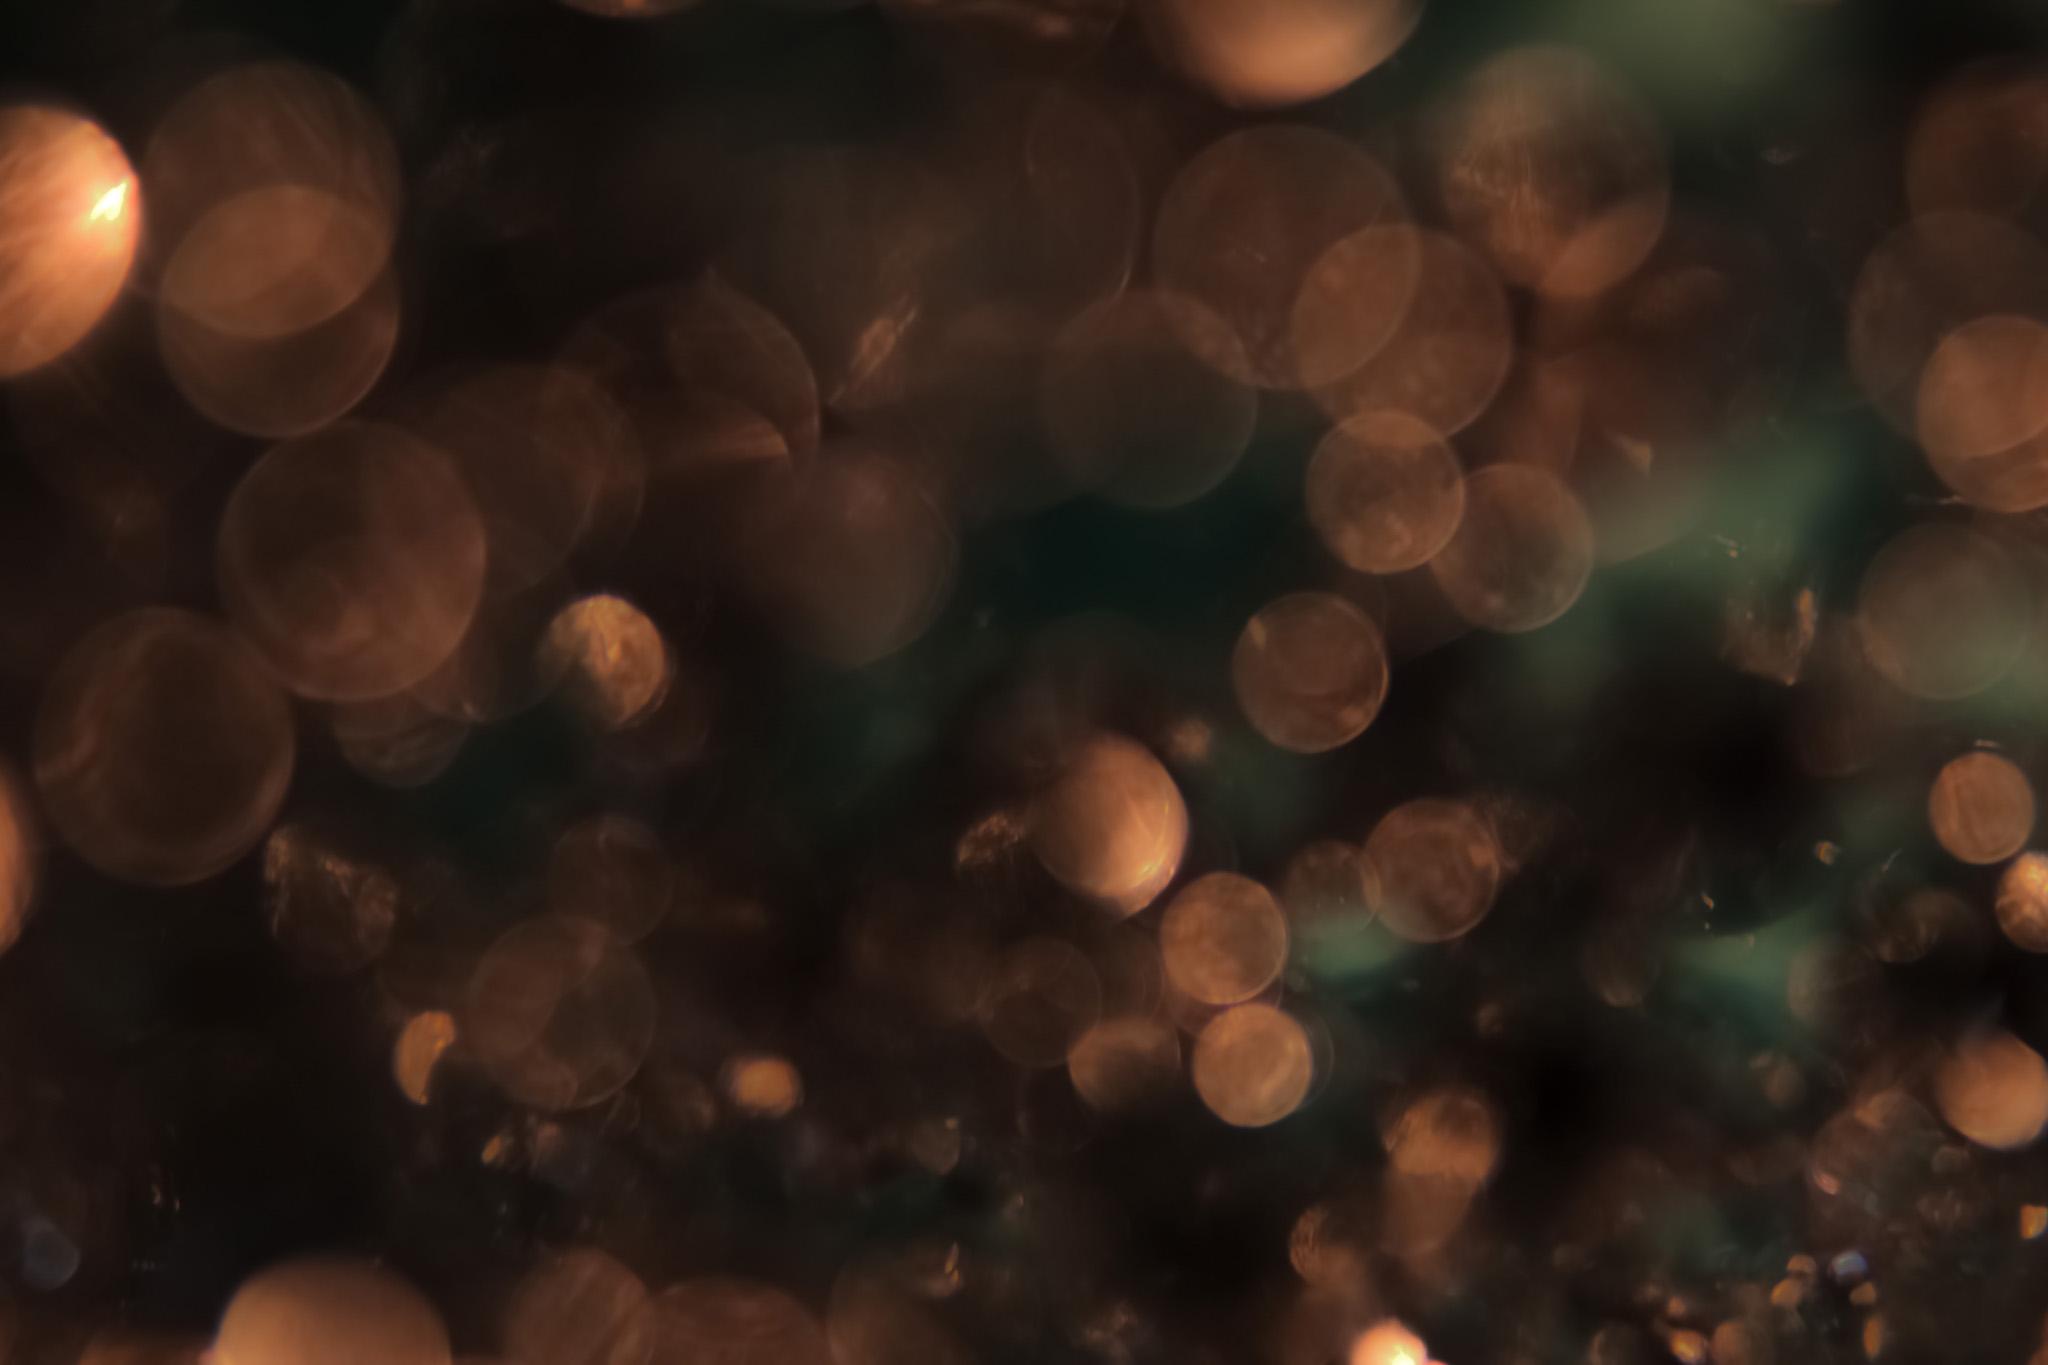 「キラキラの光」の背景を無料ダウンロード